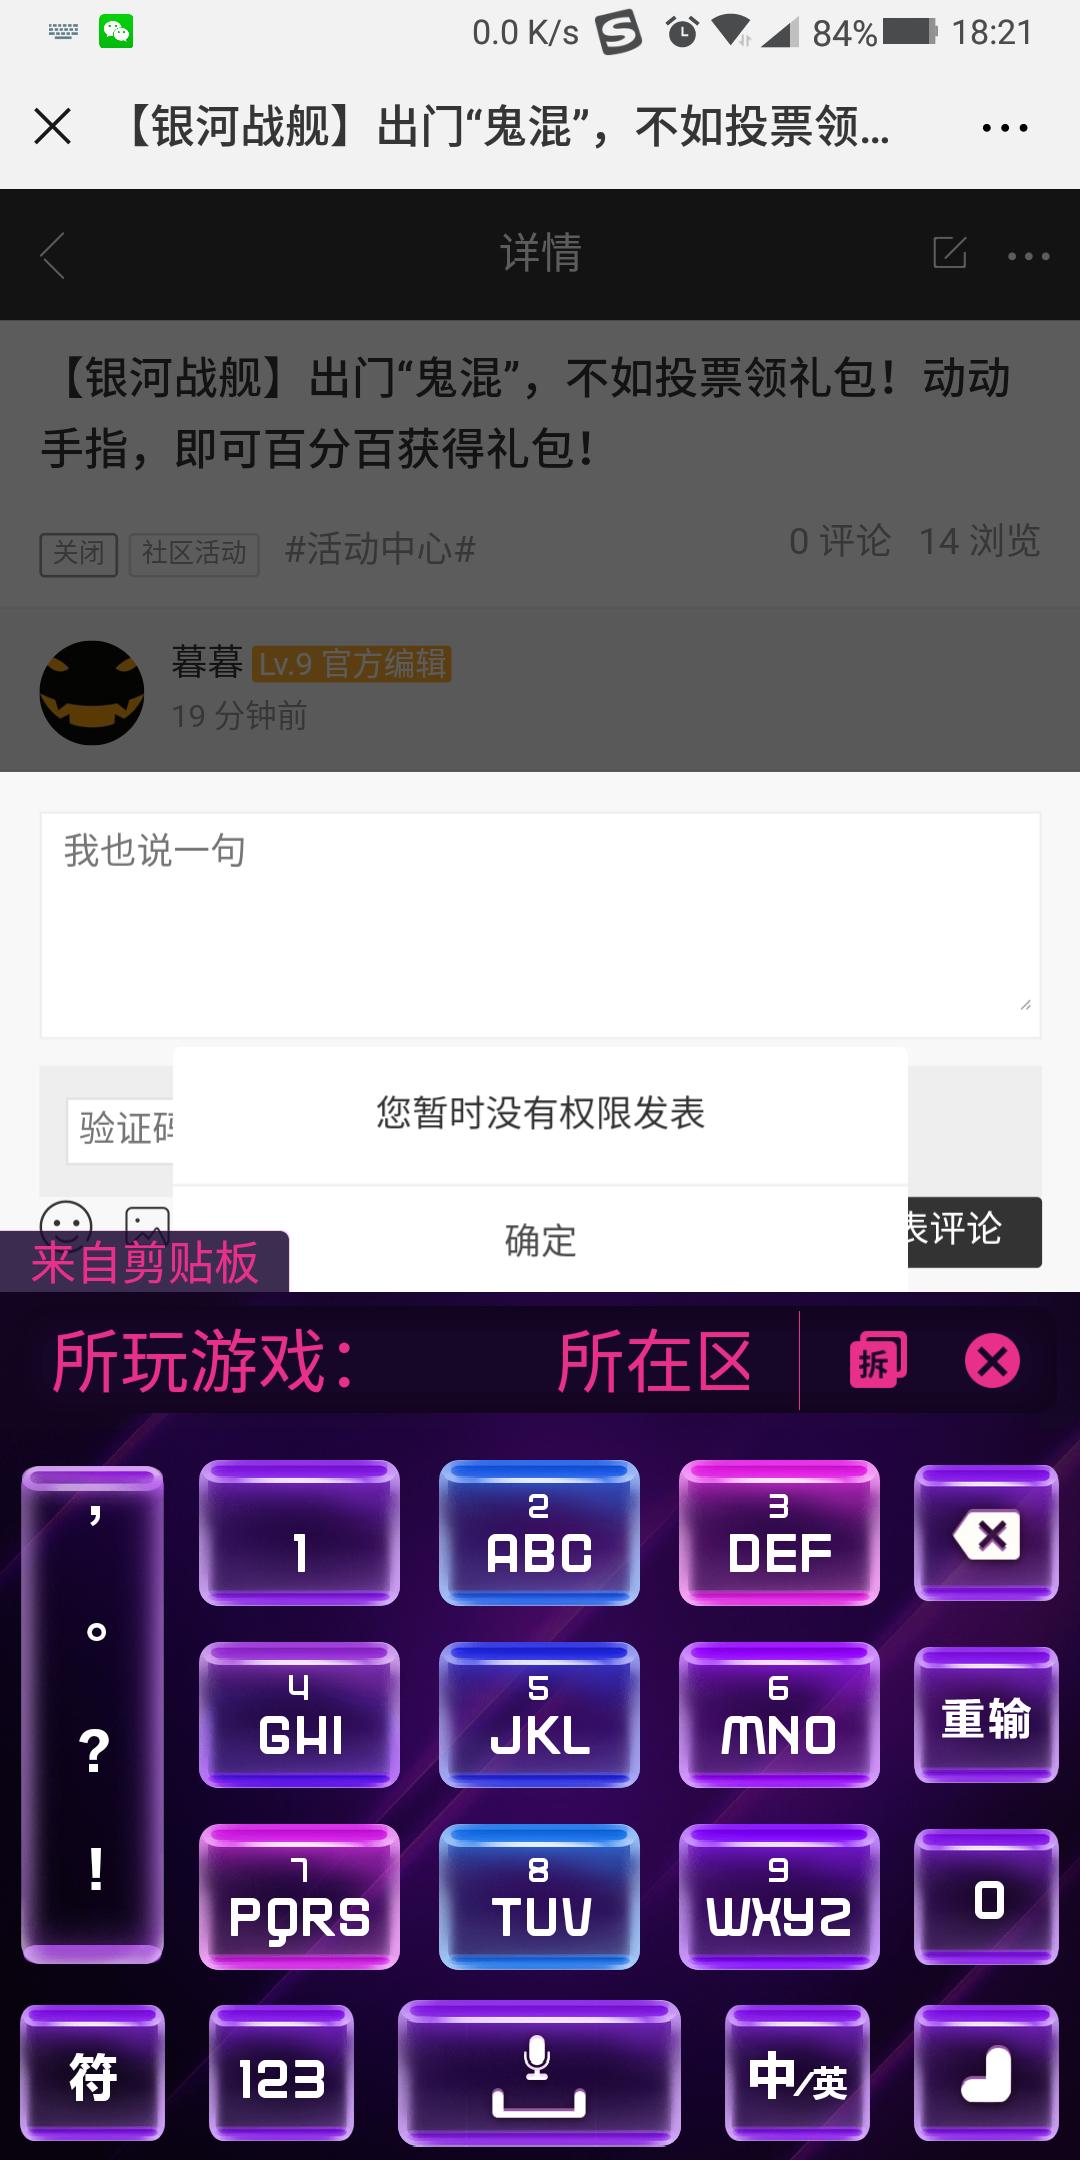 Screenshot_2018-10-30-18-21-04-867_com.tencent.mm.png